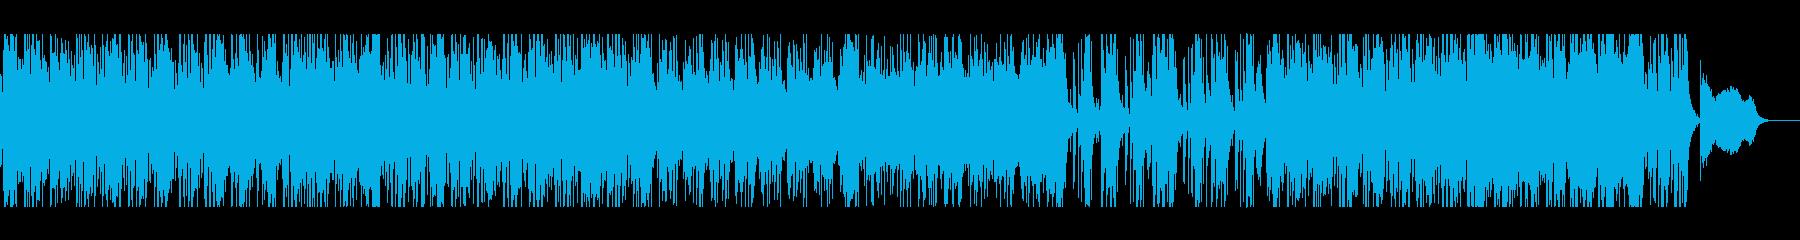 緊張とスピード感を演出する劇伴系バンド曲の再生済みの波形